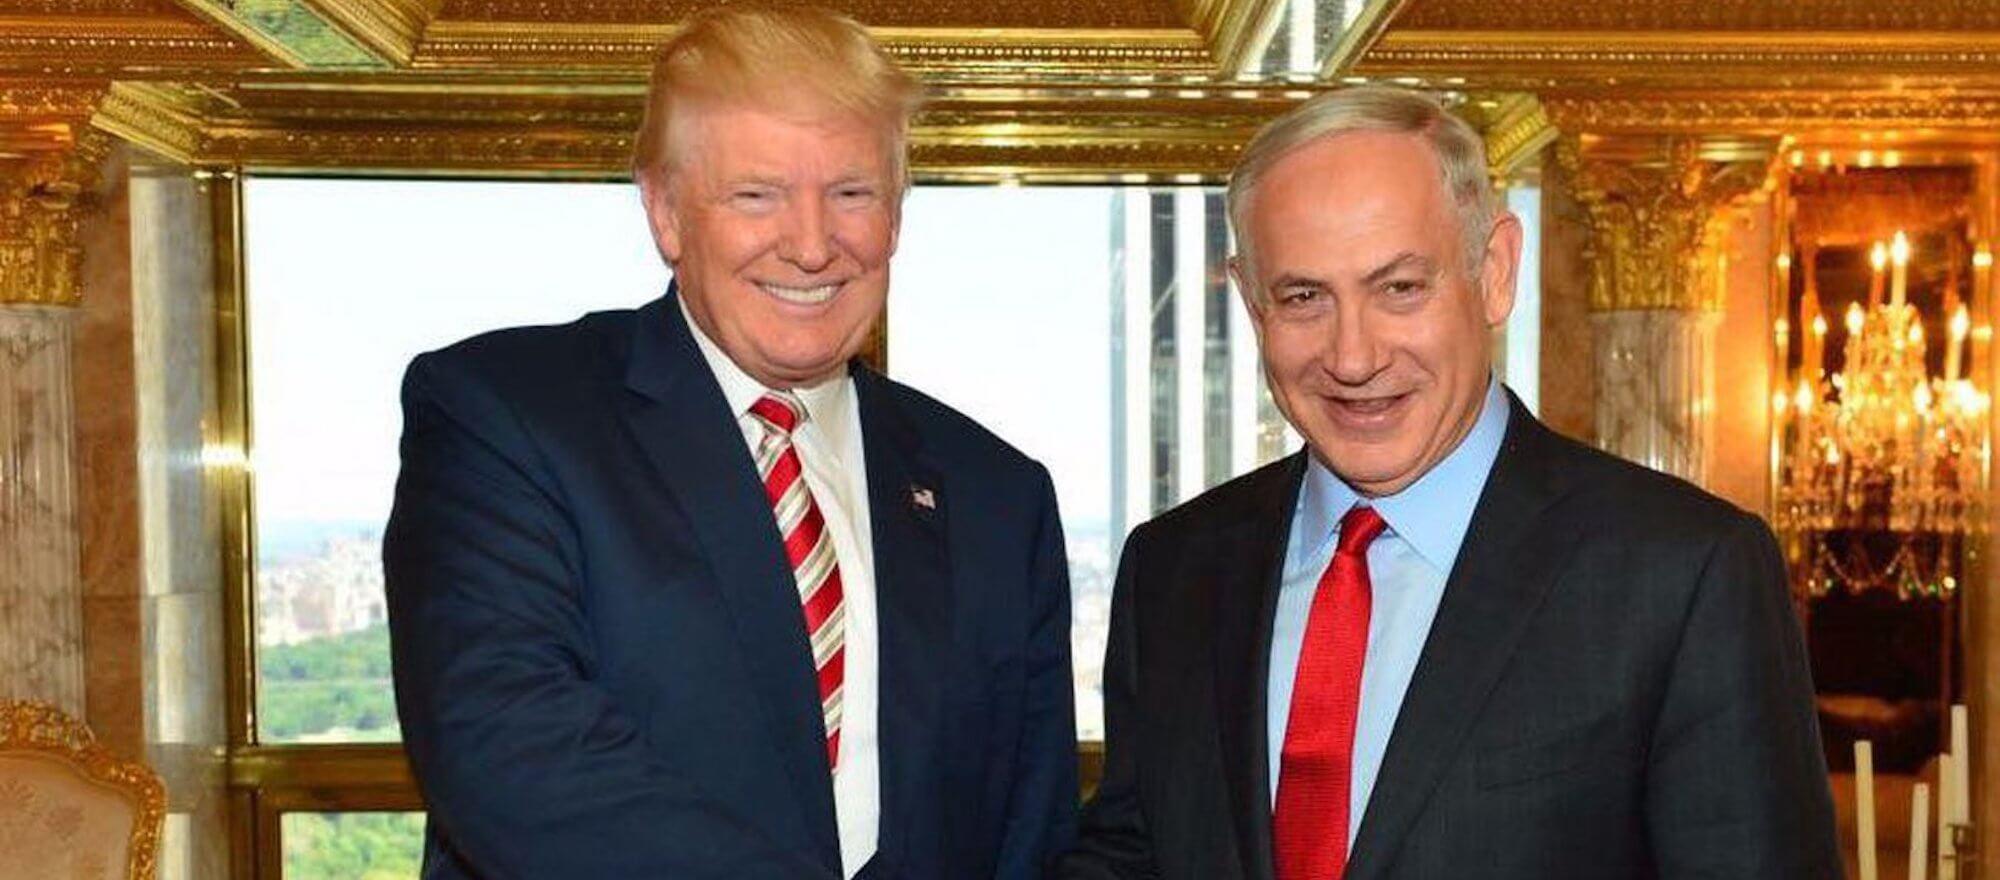 Donald Trump and Benjamin Netanyahu meeting in Trump Tower in New York in 2016.